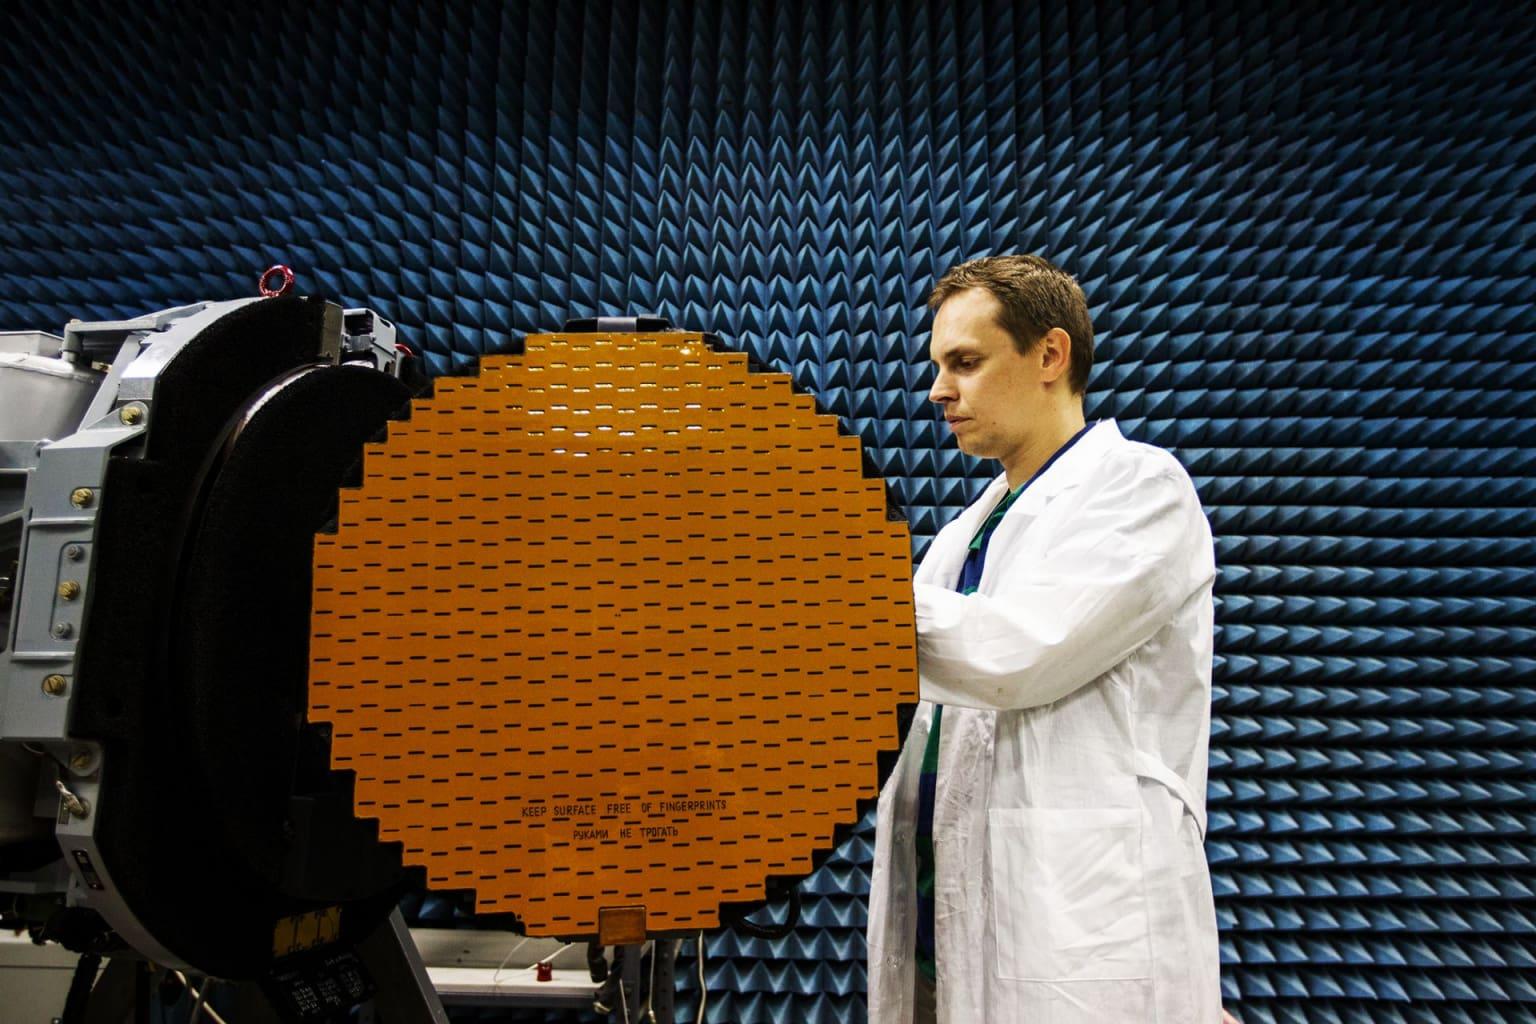 Тестирование продукции на электромагнитную совместимость. Бортовой АФАР в безэховой камере. Фотография - Ростех, корпорация